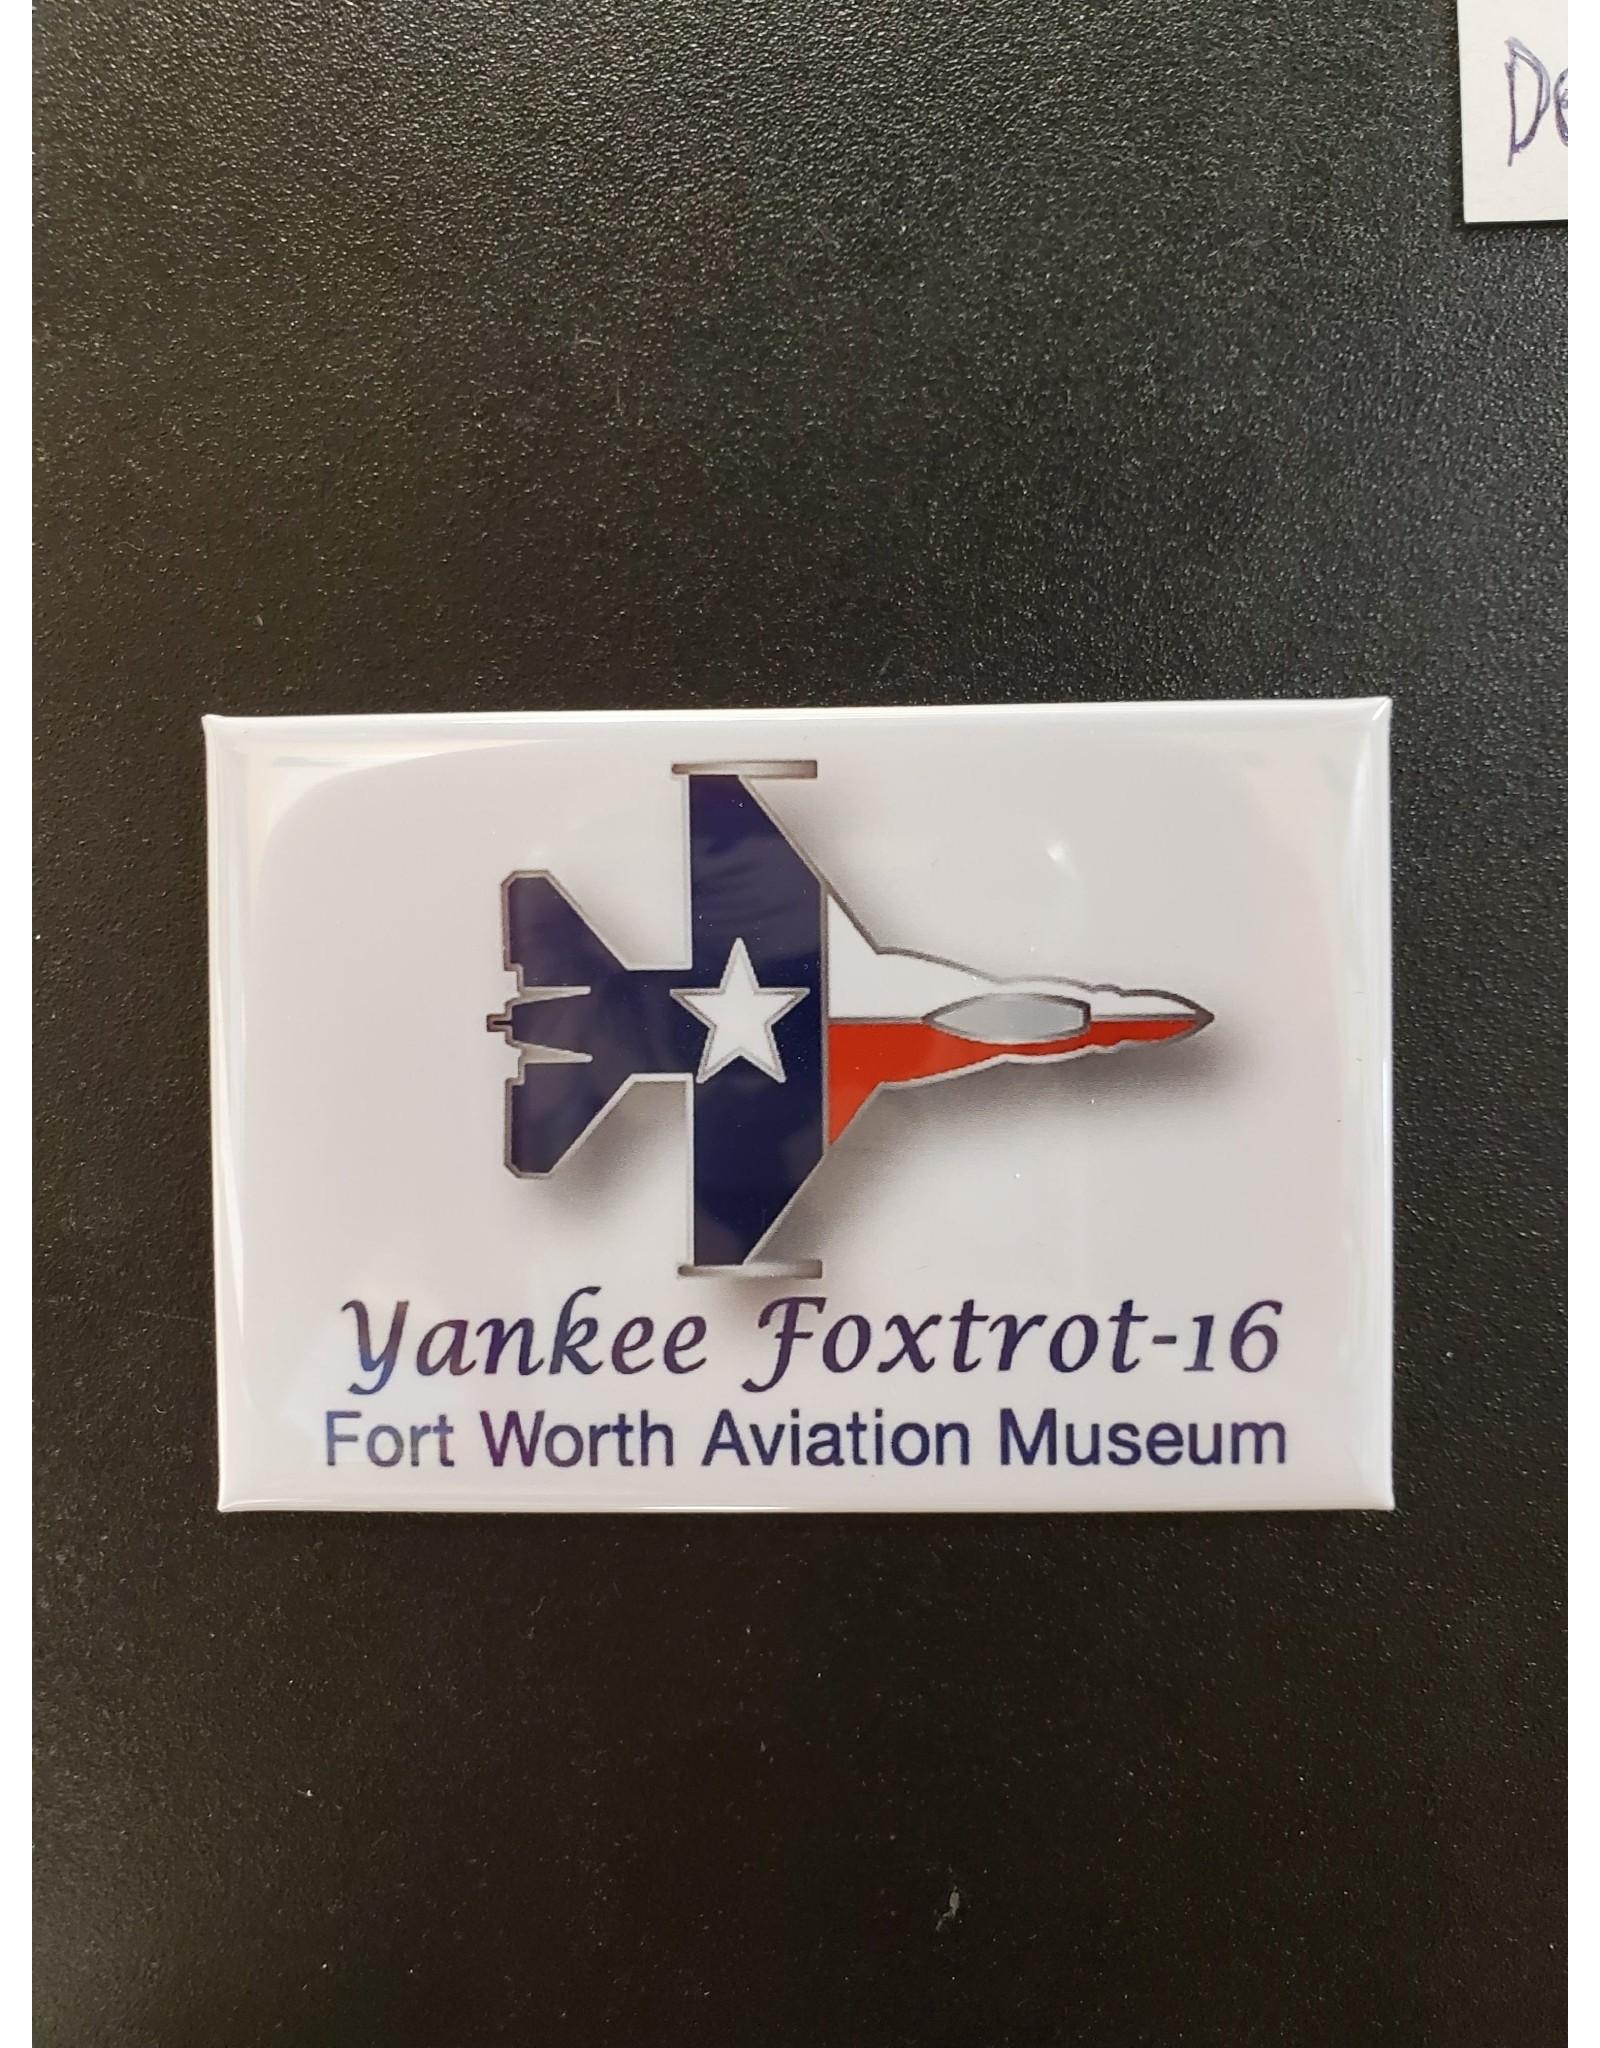 FWAM YF-16 #2 Magnet